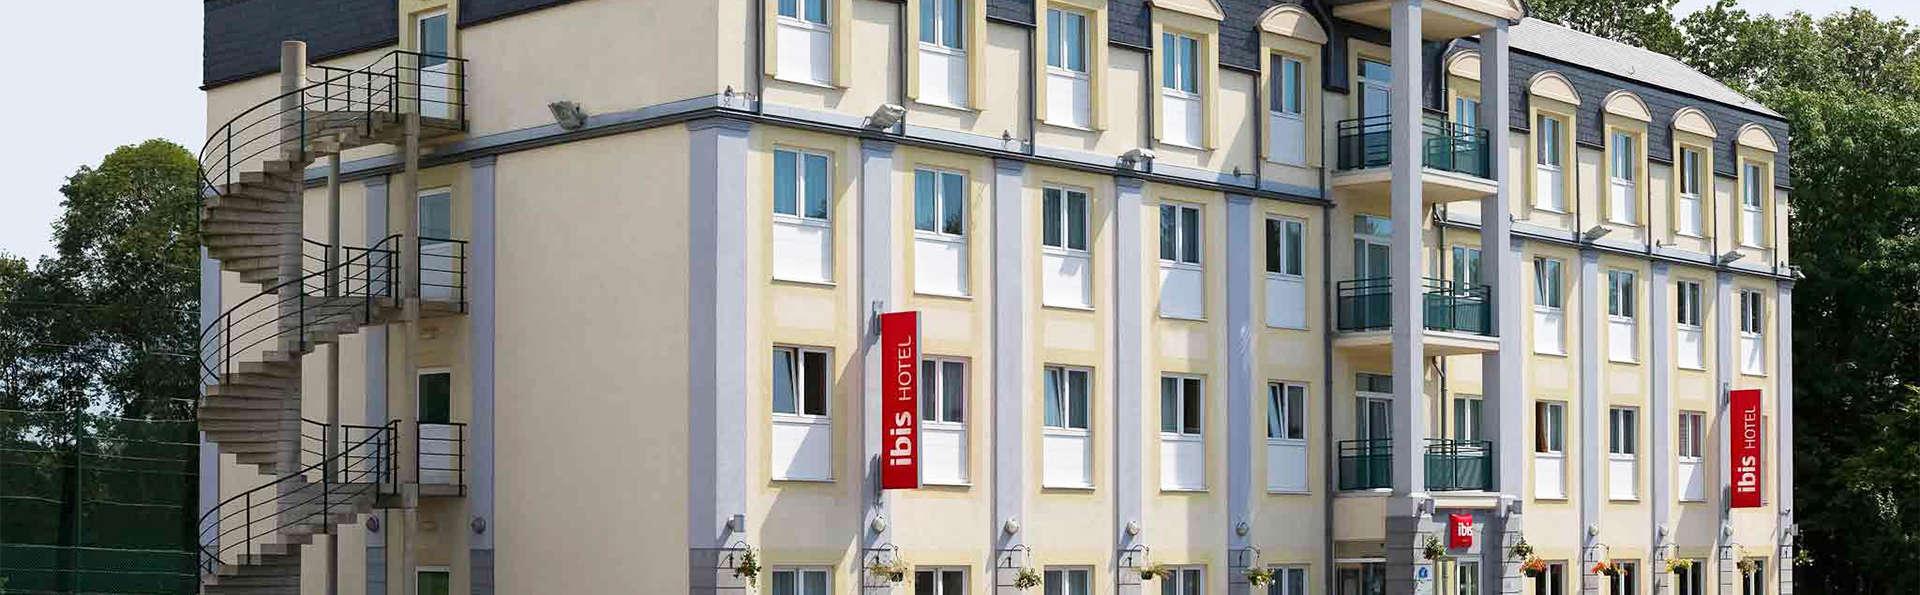 ibis Liège Boncelles - EDIT_front.jpg